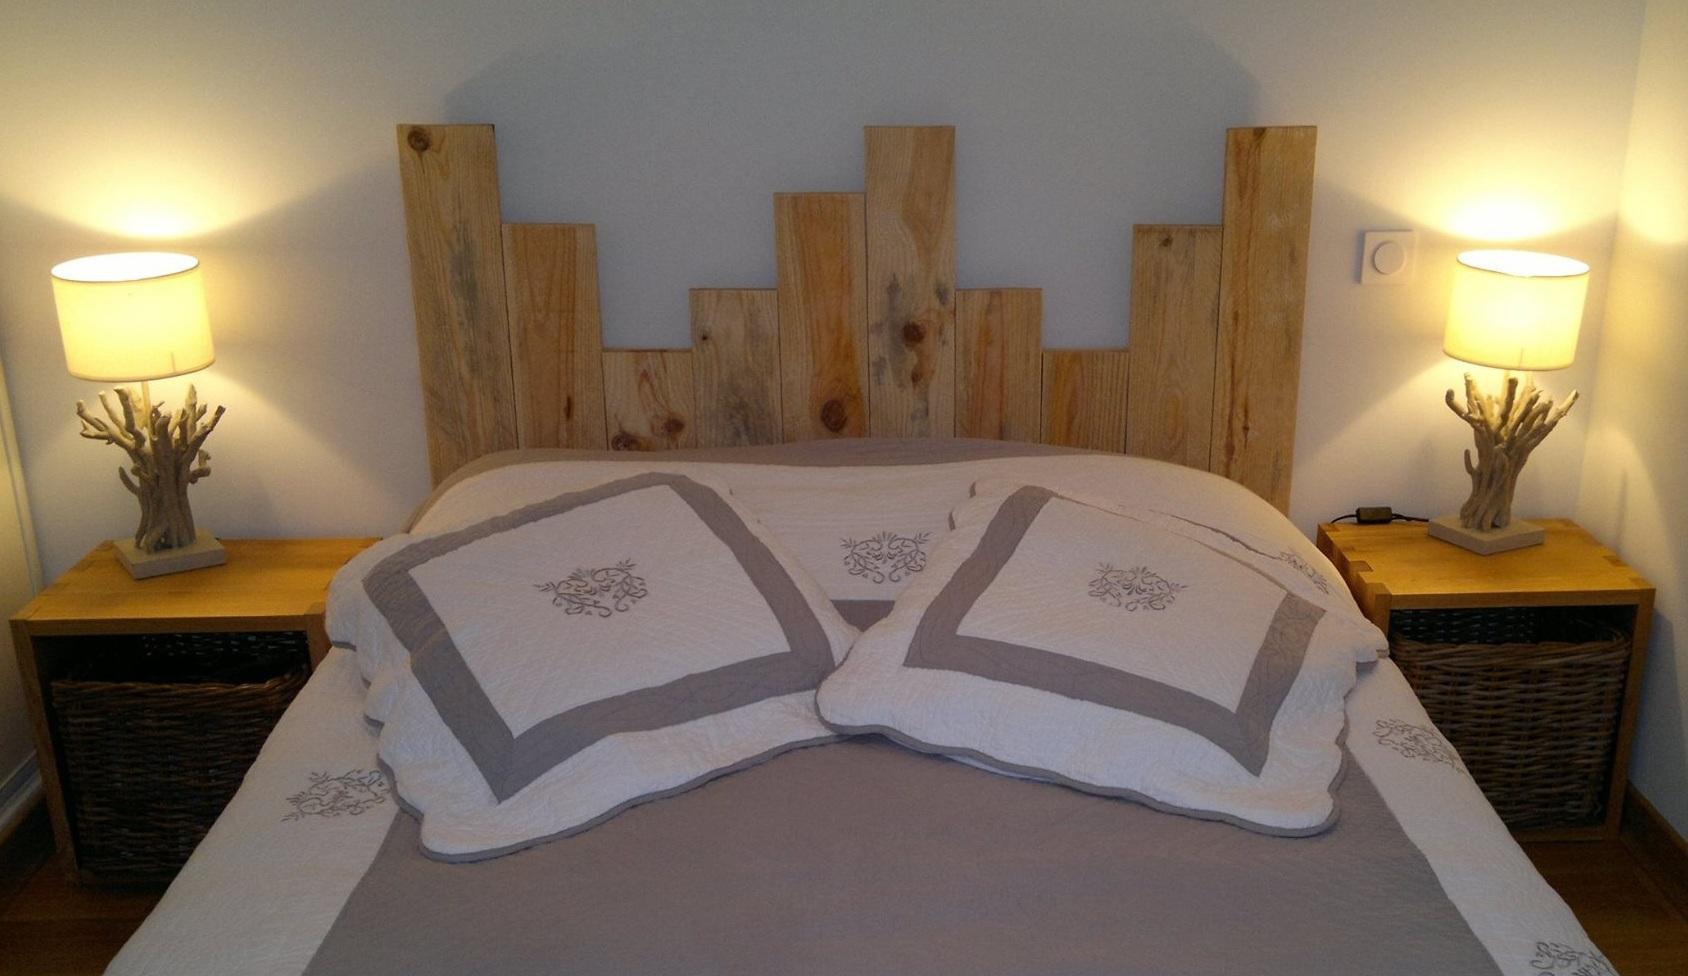 Fabriquer sa tete de lit en bambou for Fabriquer sa tete de lit en bois